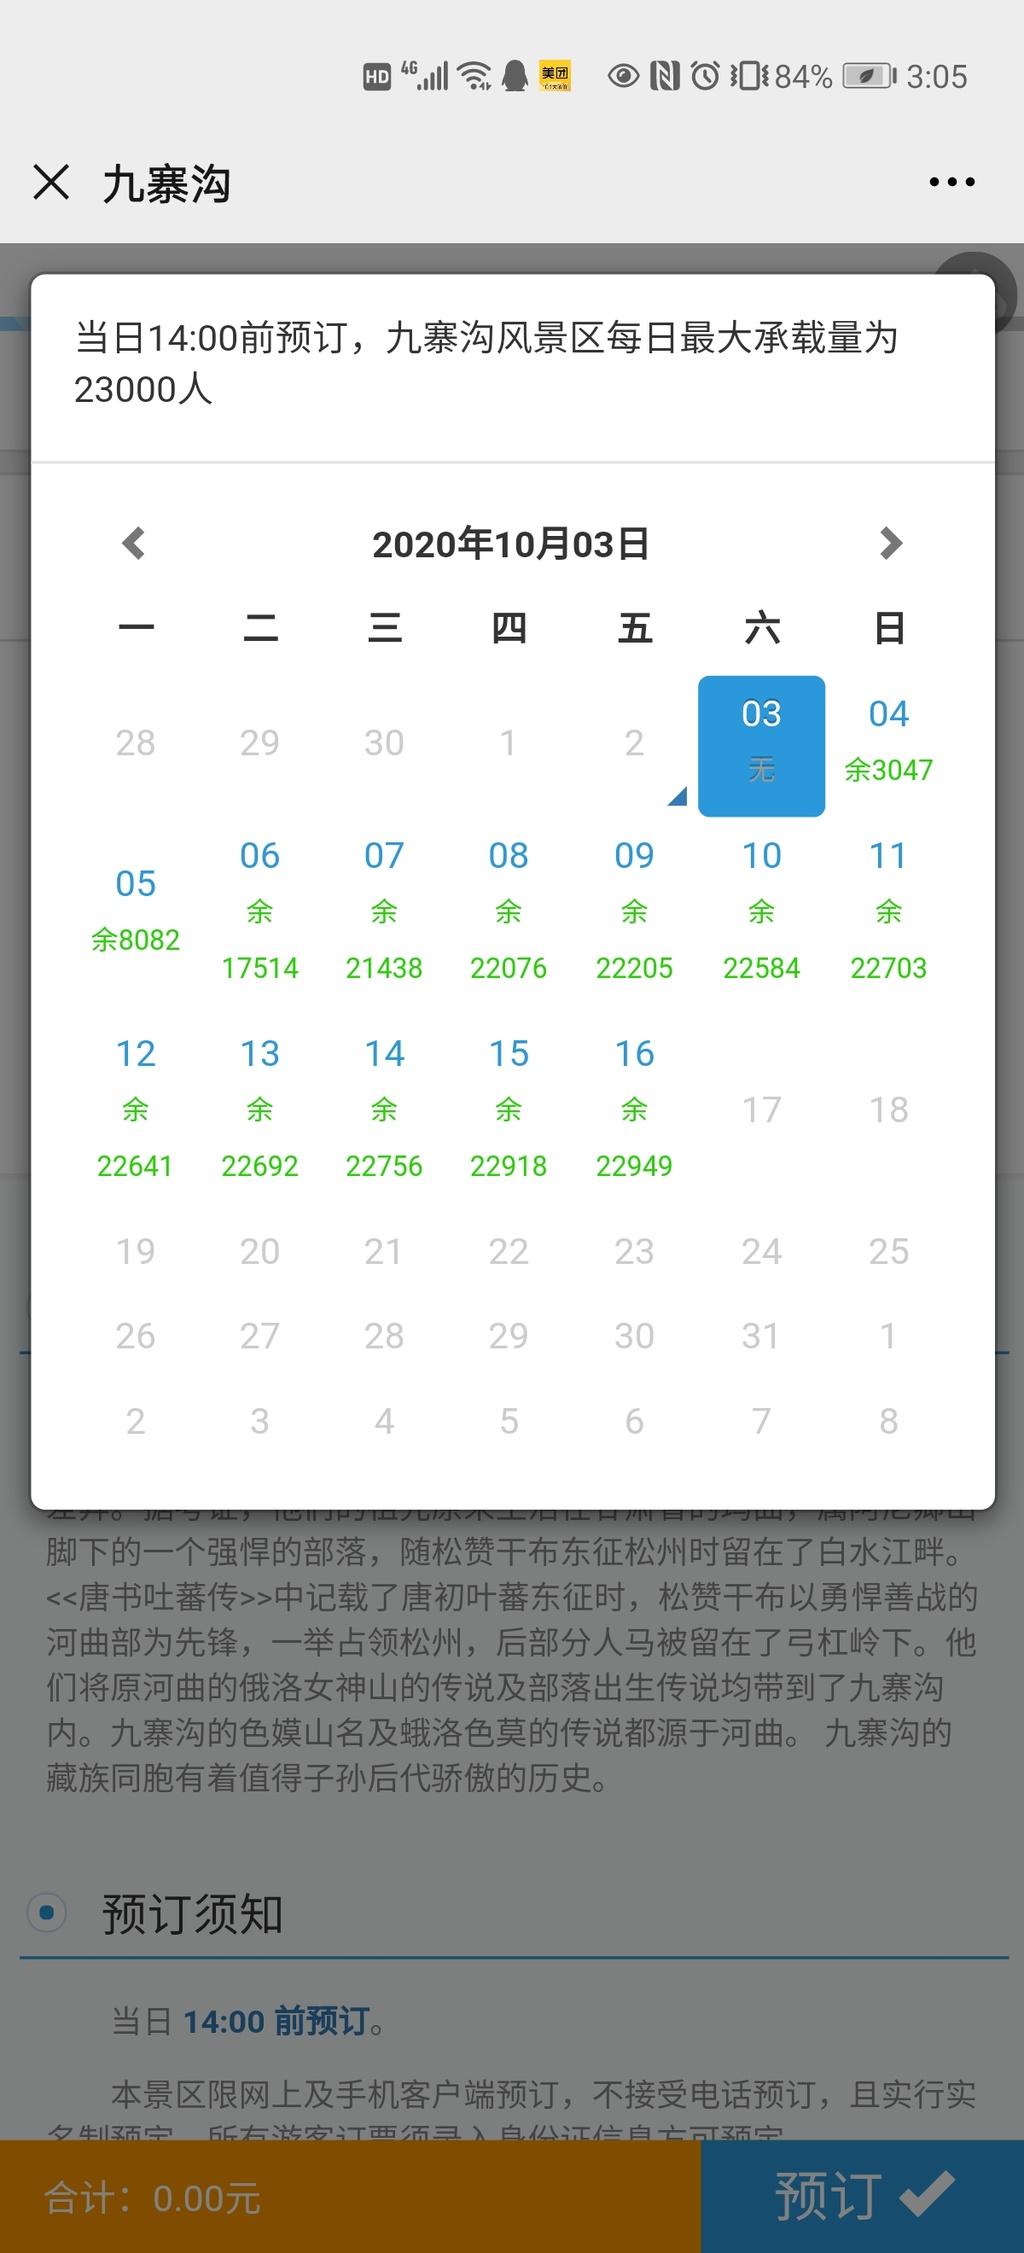 九寨沟景区10月2日和3日门票已售罄_直击现场_澎湃新闻-The Paper